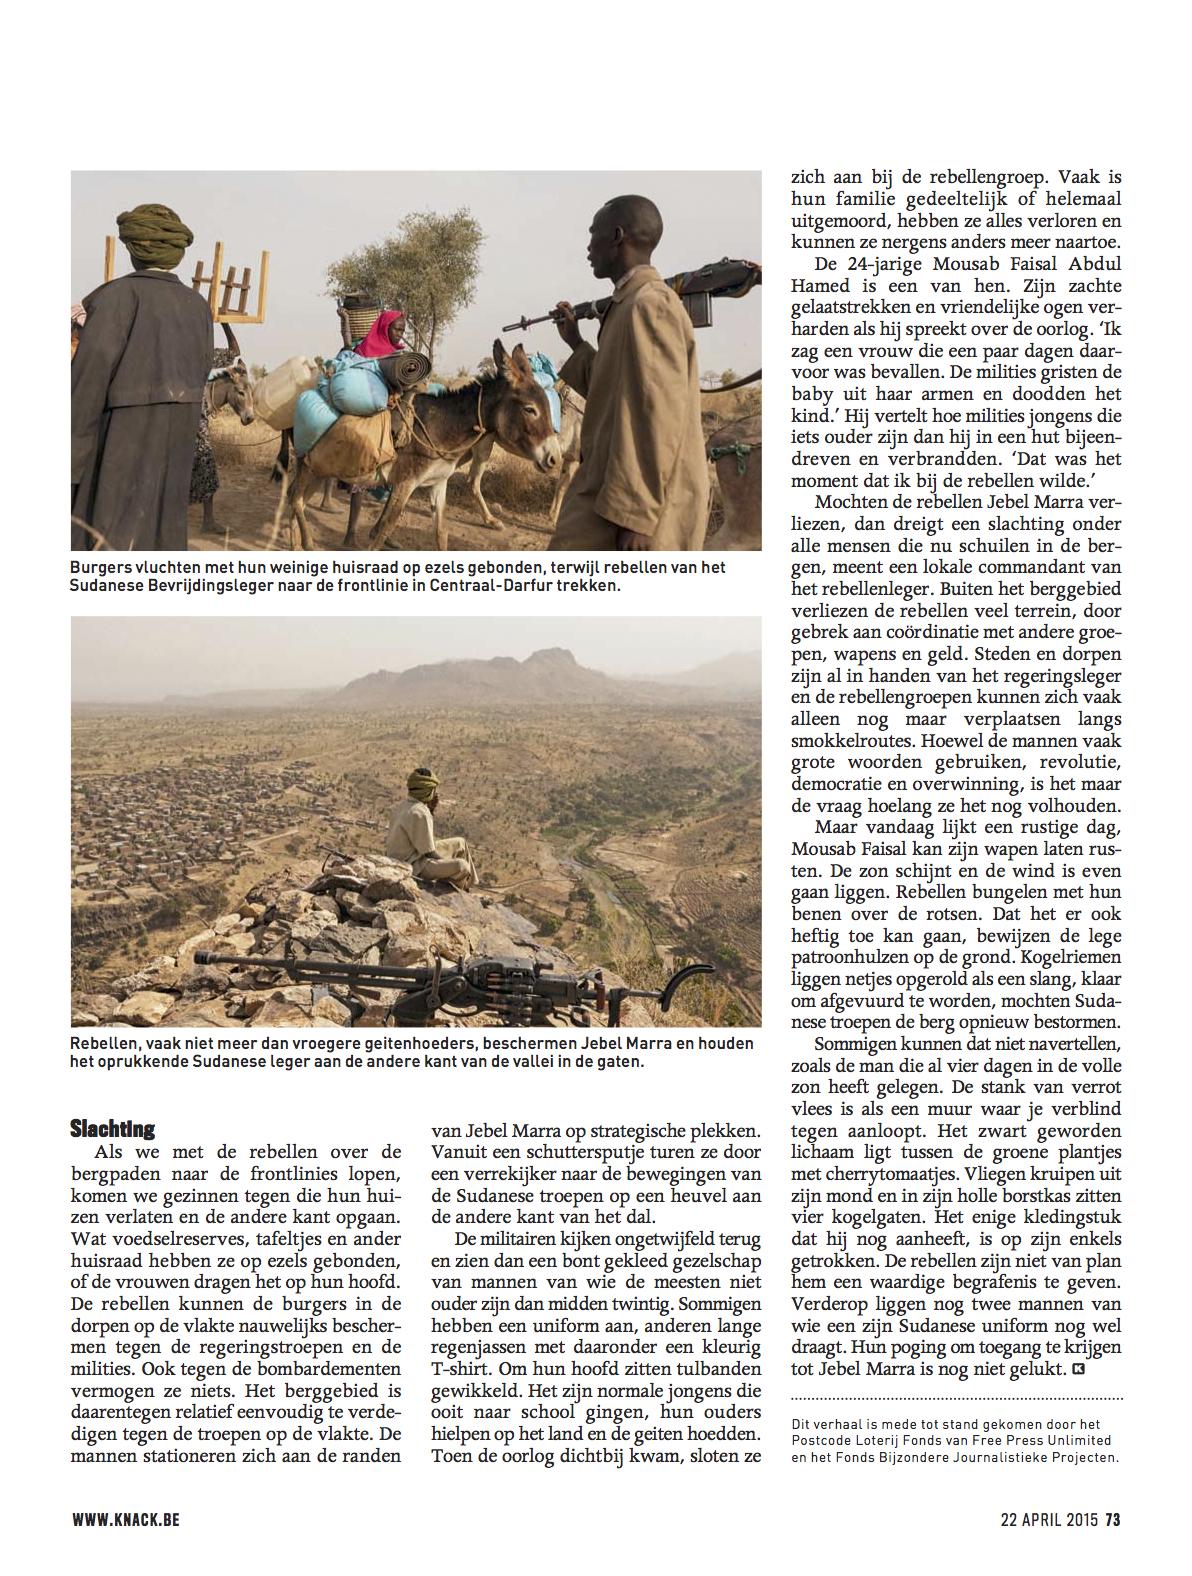 Knack_Darfur_06.jpg